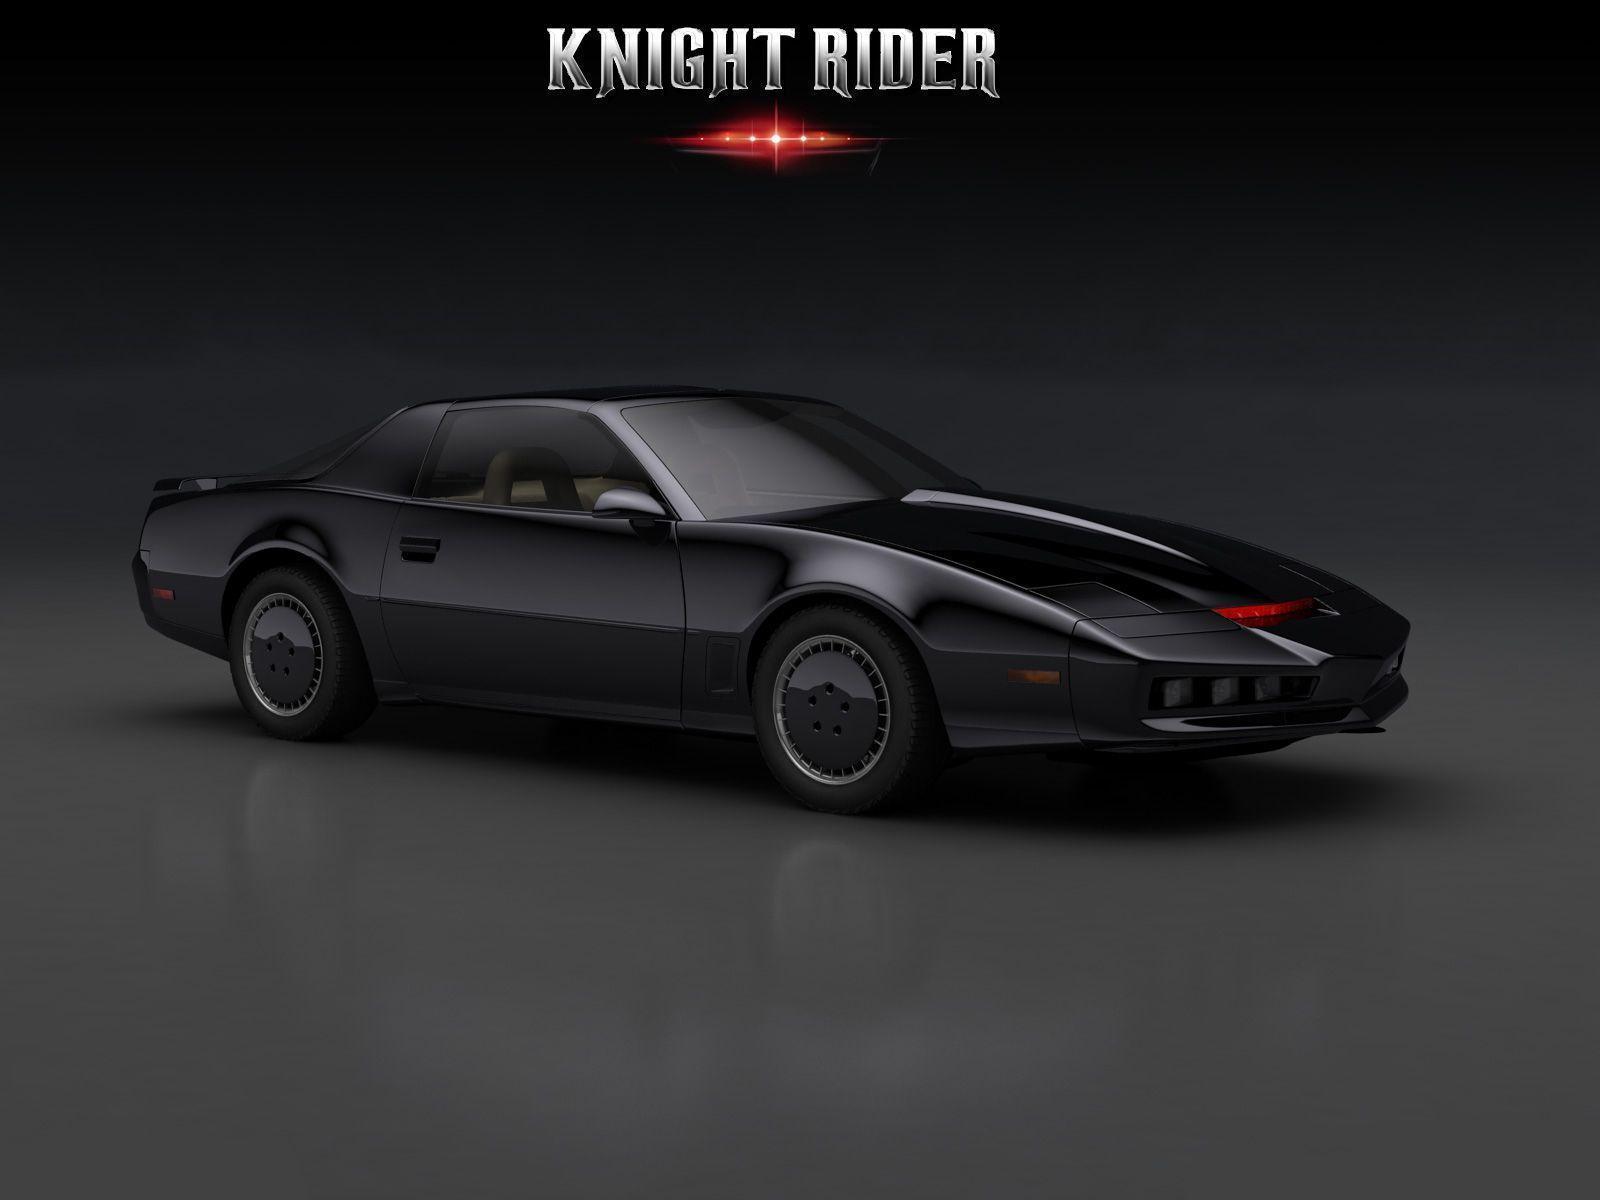 75+] Knight Rider Kitt Wallpaper on WallpaperSafari